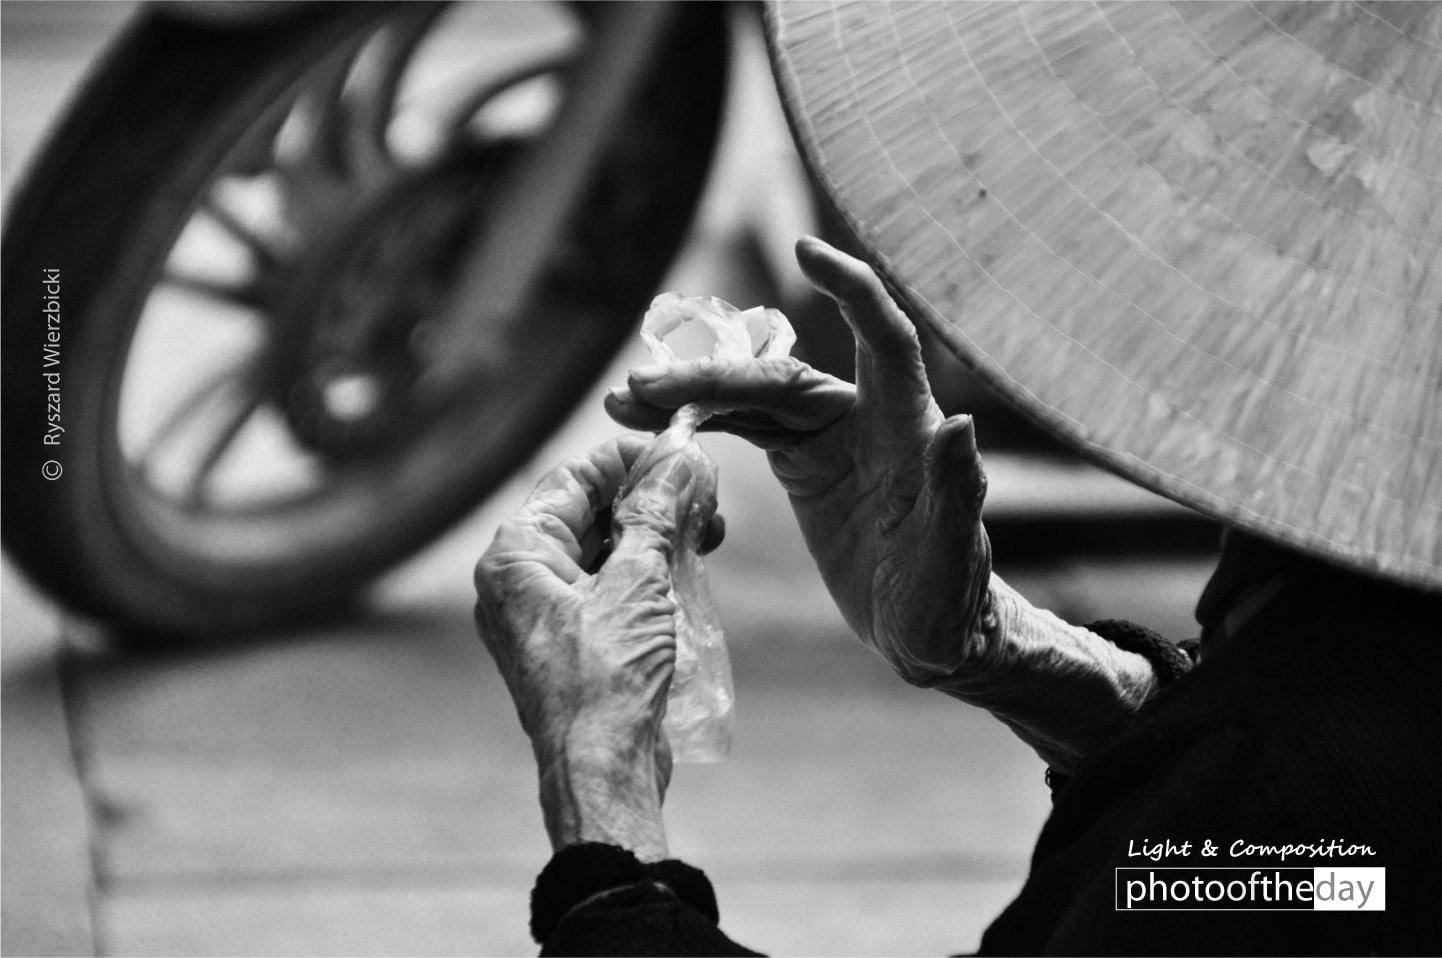 Old Hands by Ryszard Wierzbicki